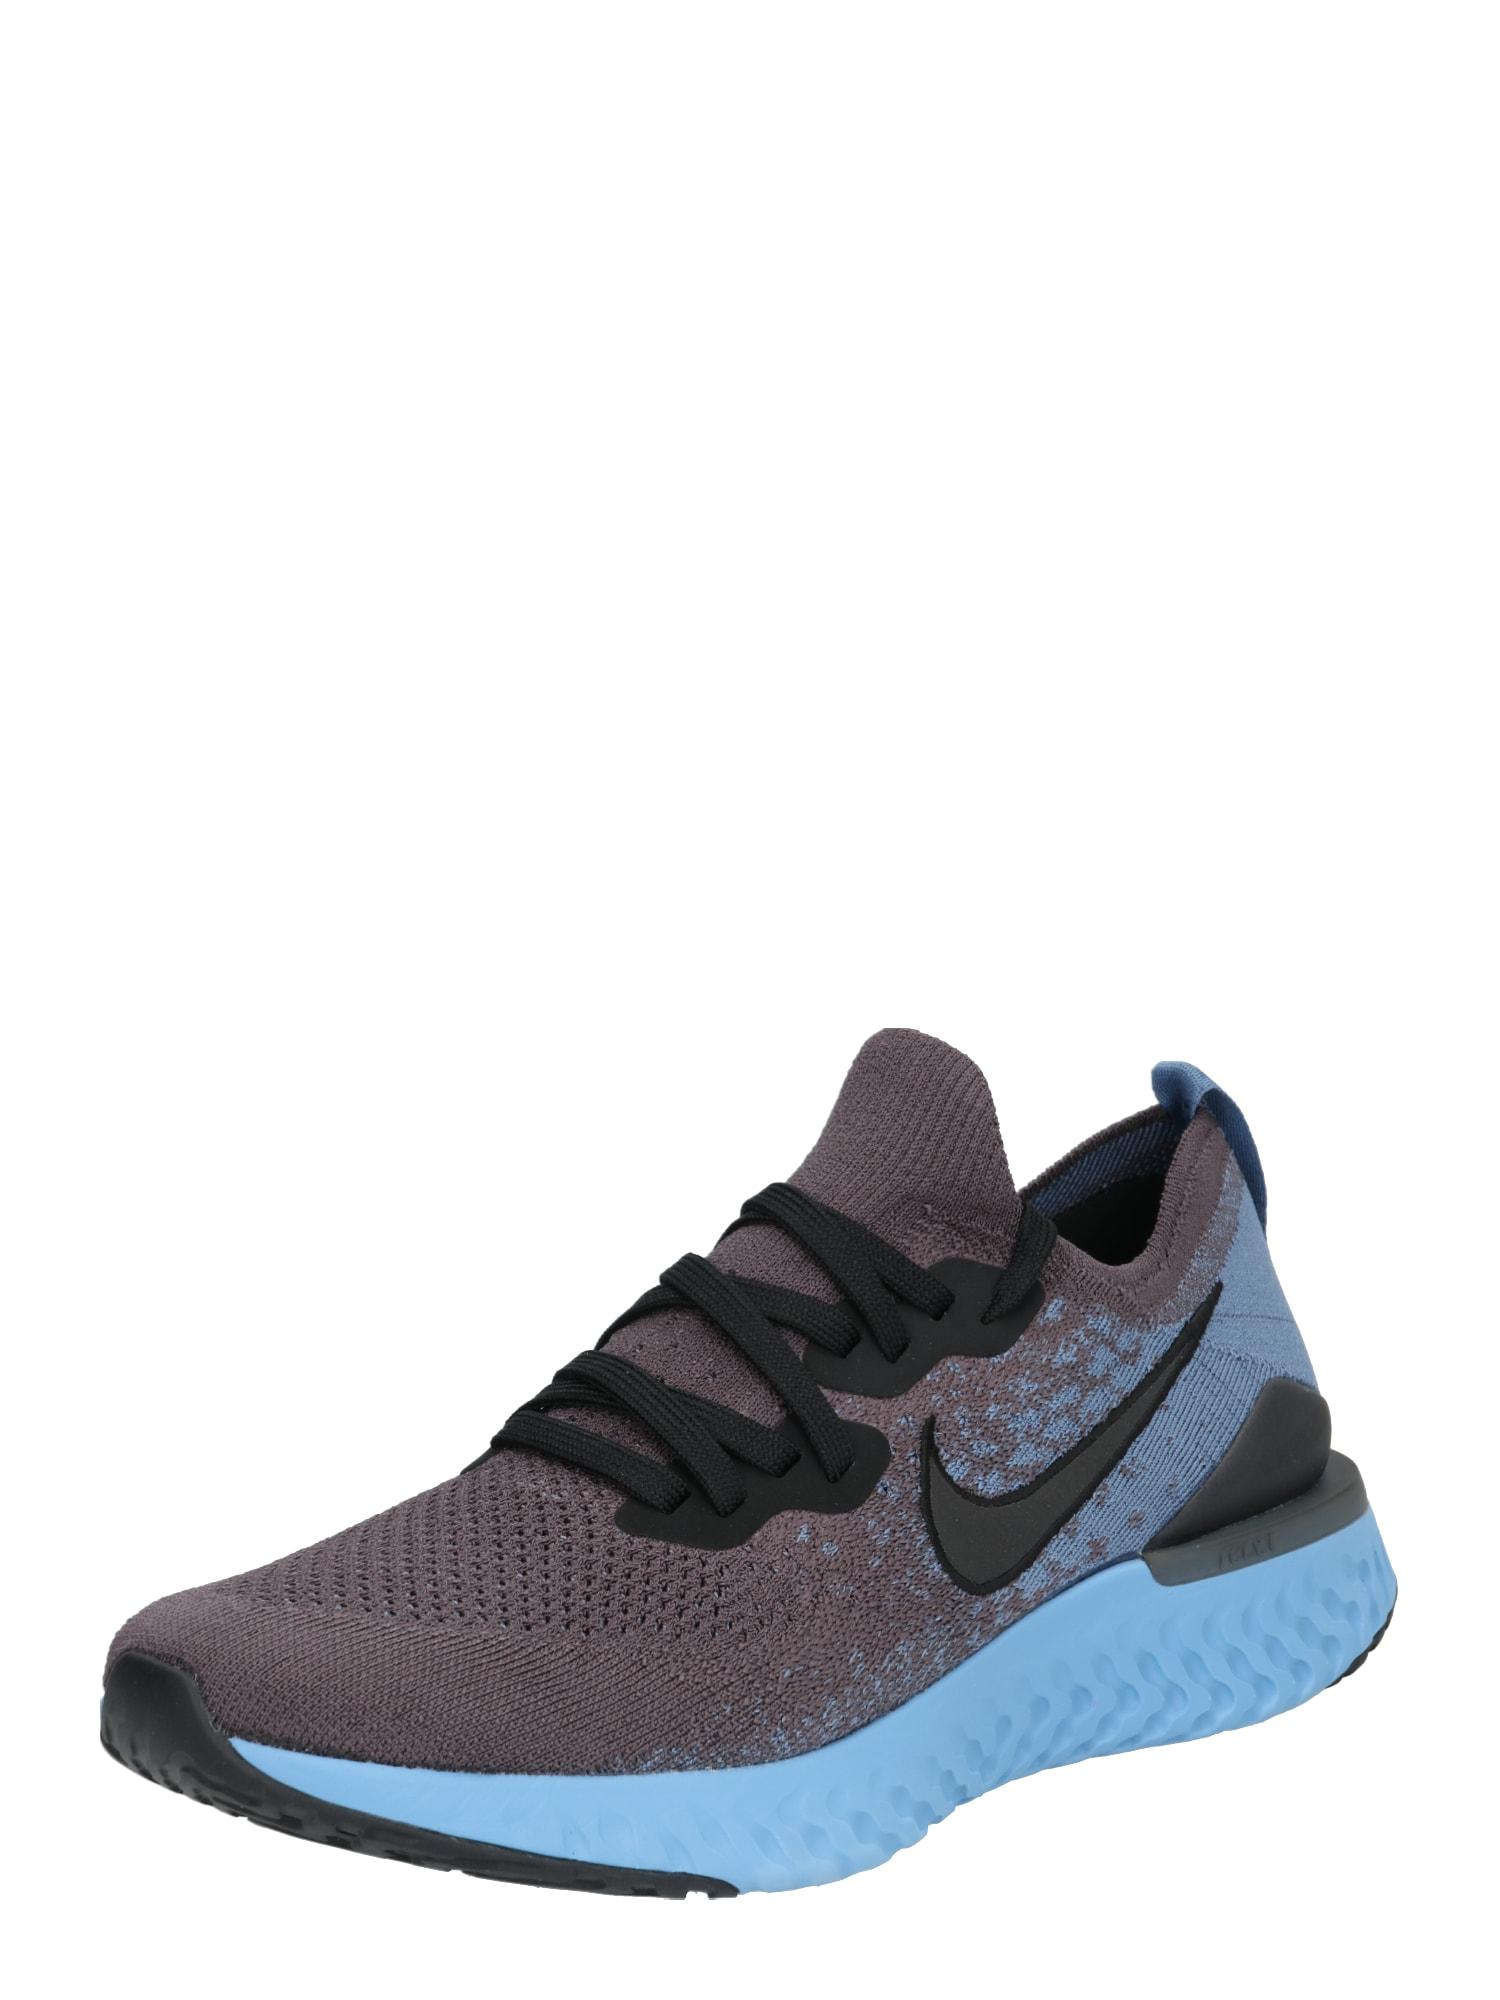 Běžecká obuv Epic React Flyknit 2 modrá tmavě šedá NIKE